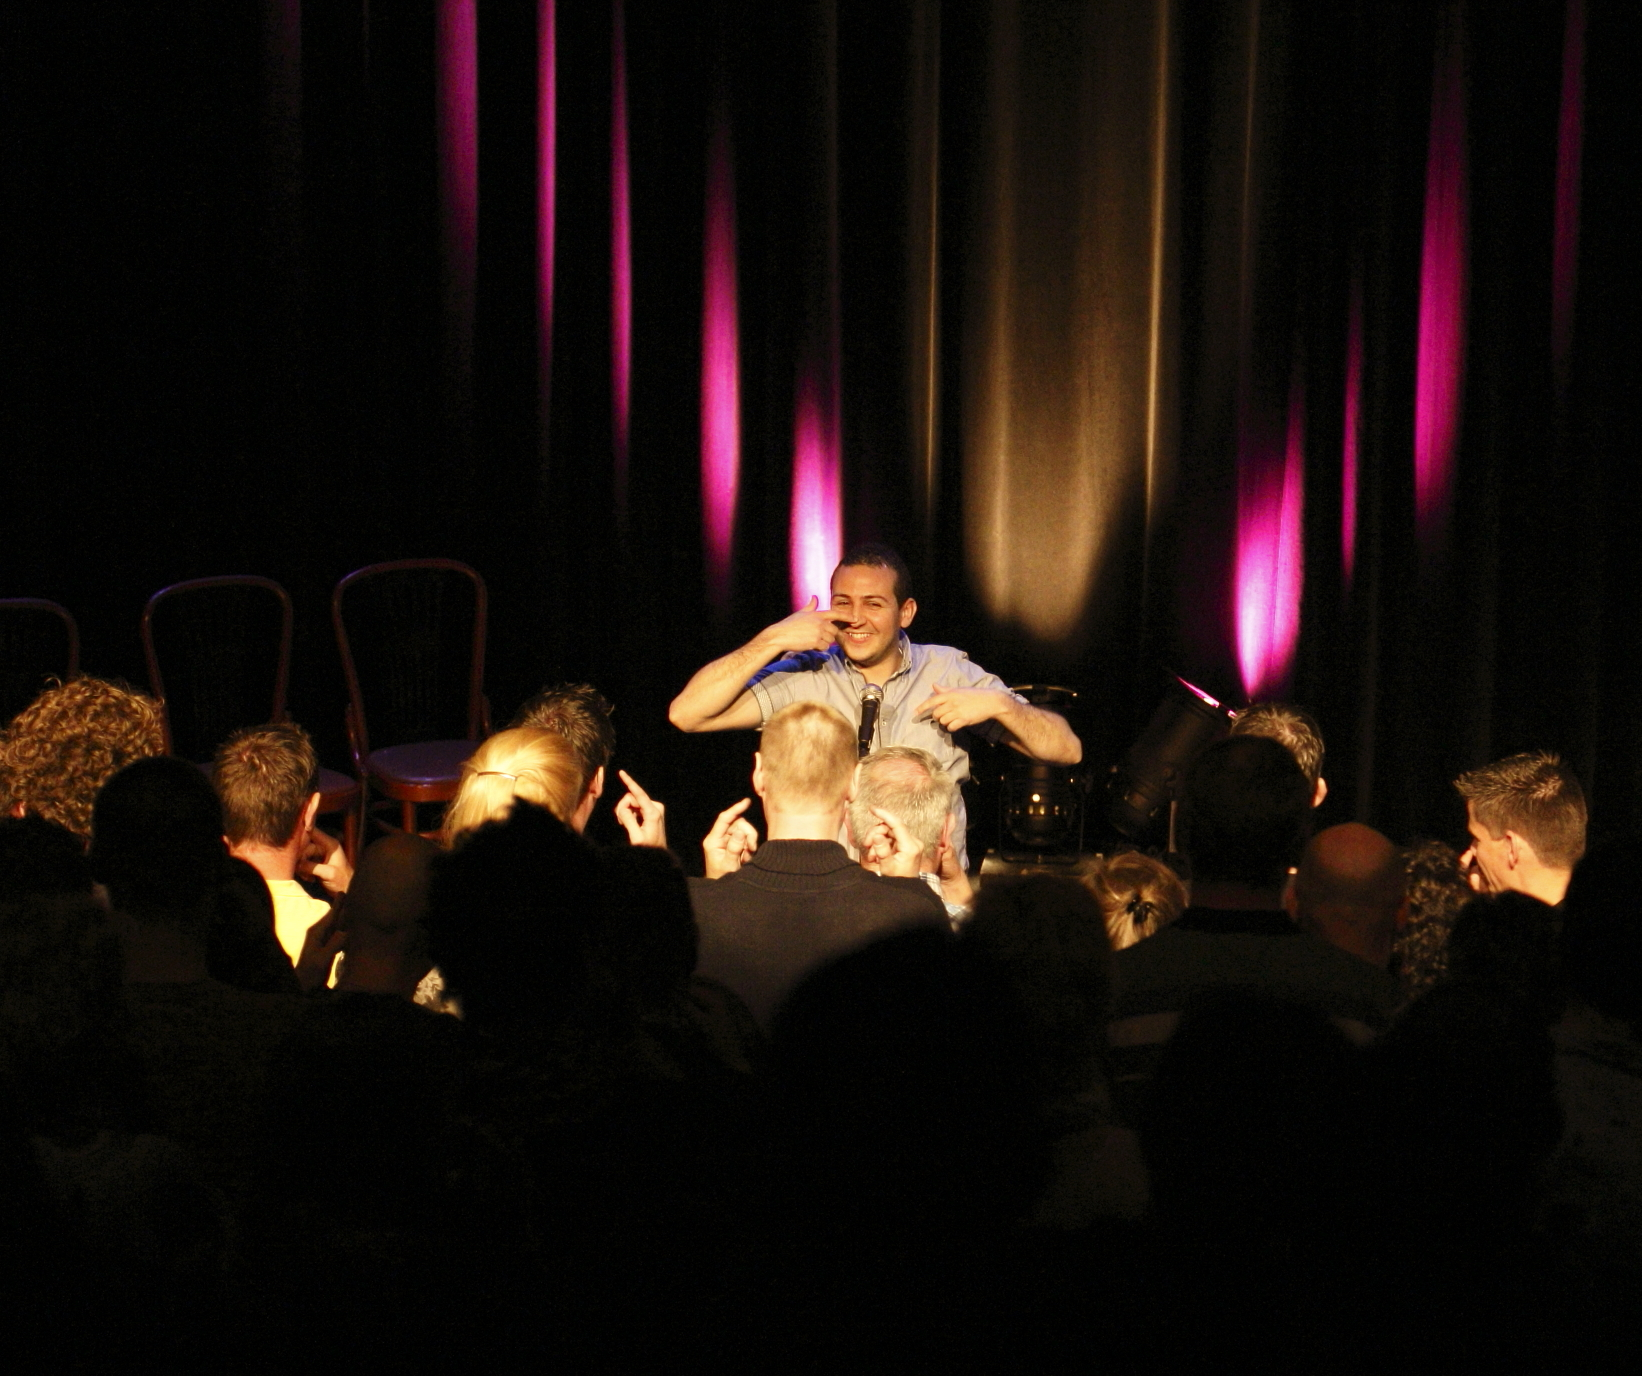 Ticket kopen voor evenement Zeist Lacht: Open Mic, Comedy Night